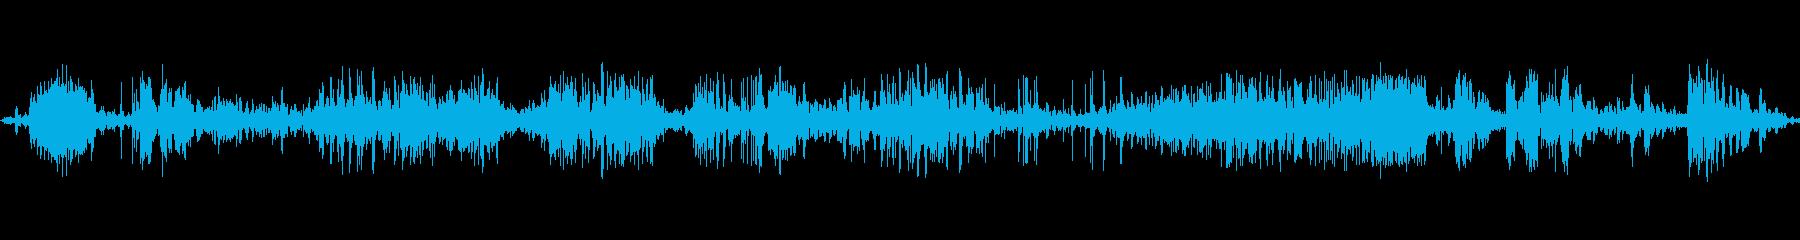 ゴム風船:ヘビーラブズアンドスキー...の再生済みの波形